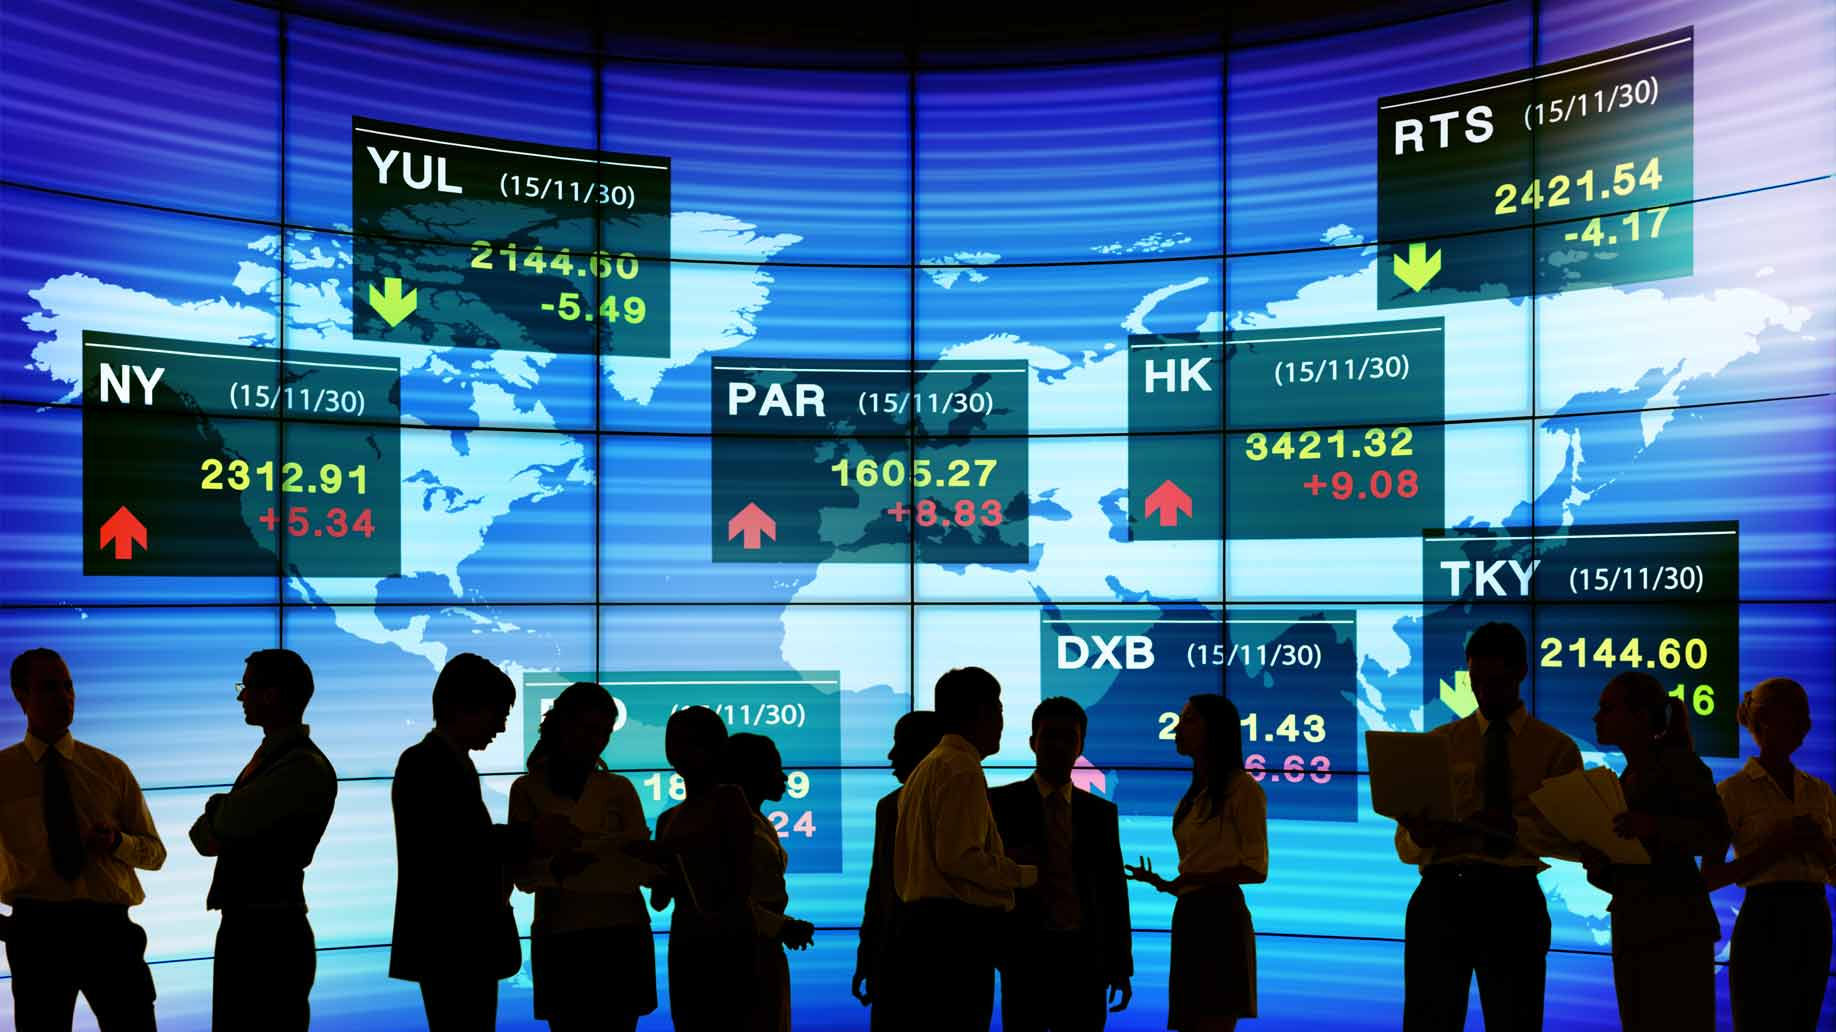 كيفية المحاسبة عن عمليات الاستثمار في الأوراق المالية - تابع المحاسبة على الأصول المتداولة